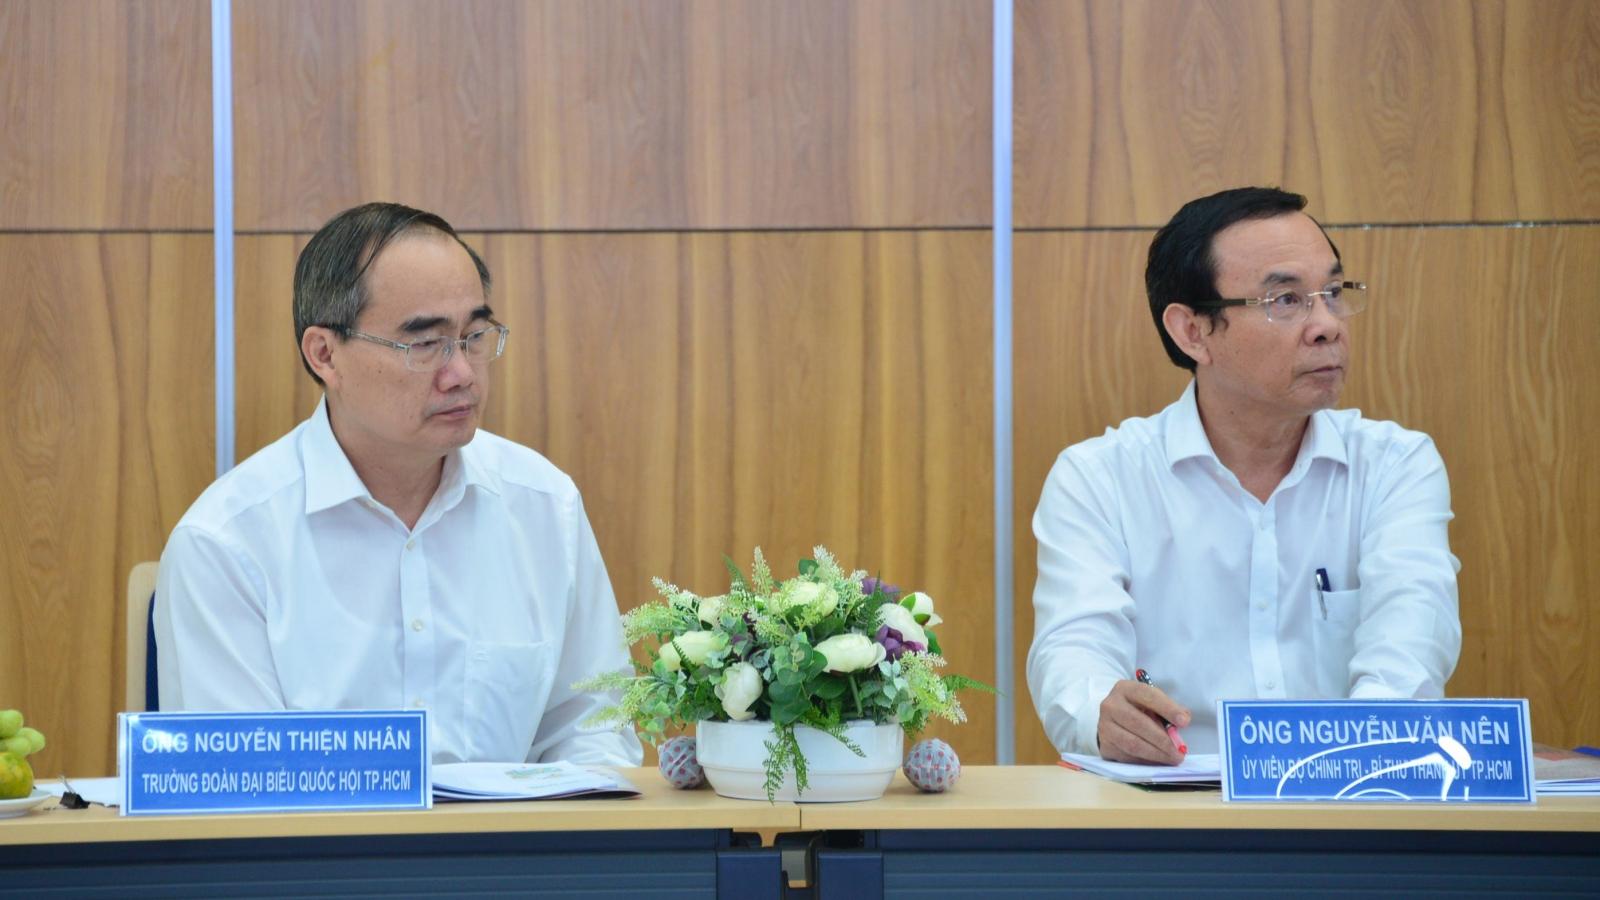 Ông Nguyễn Thiện Nhân được Thành uỷ TPHCM giới thiệu ứng cử ĐBQH khóa XV